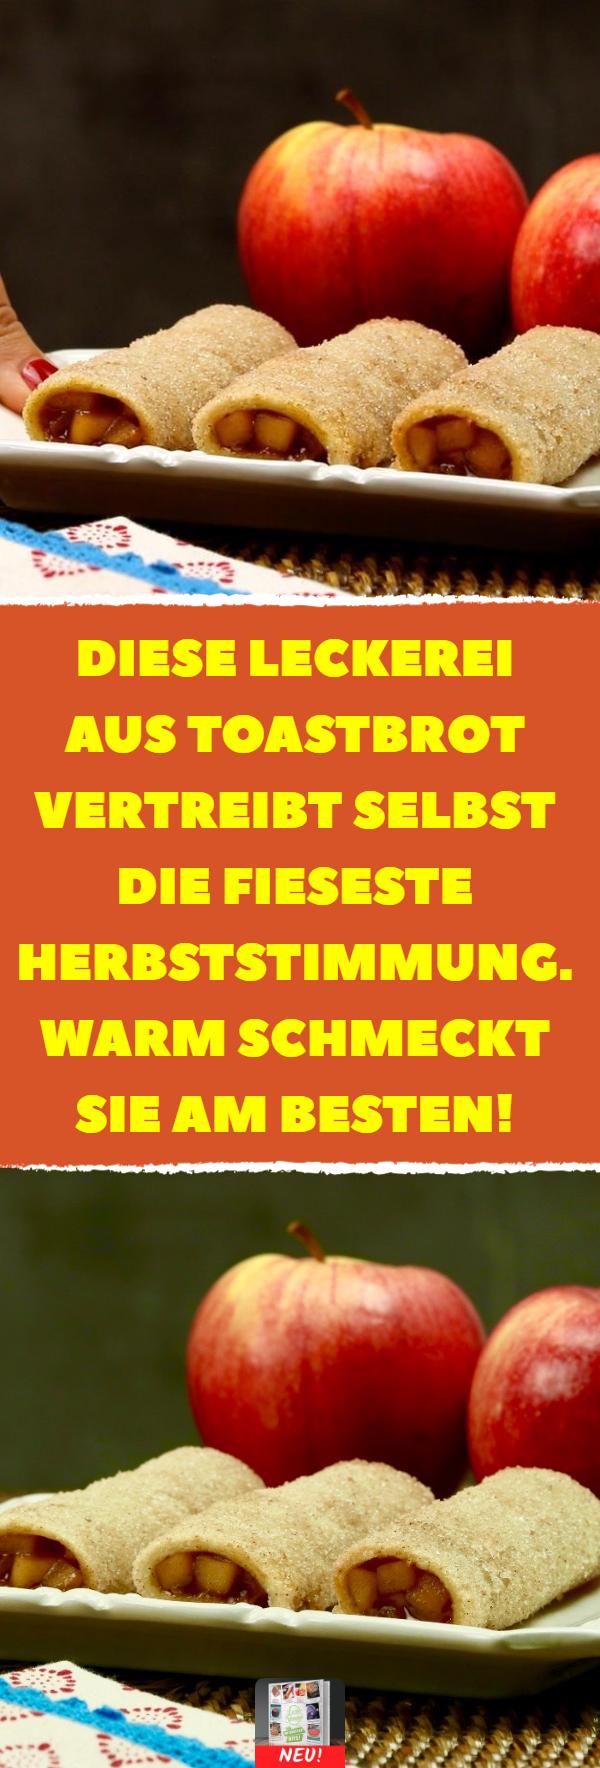 Diese Leckerei aus Toastbrot vertreibt selbst die fieseste Herbststimmung. Warm schmeckt sie am besten! #herbst #rezept #rezepte #apfel #kuchen #dessert #herbstgerichte